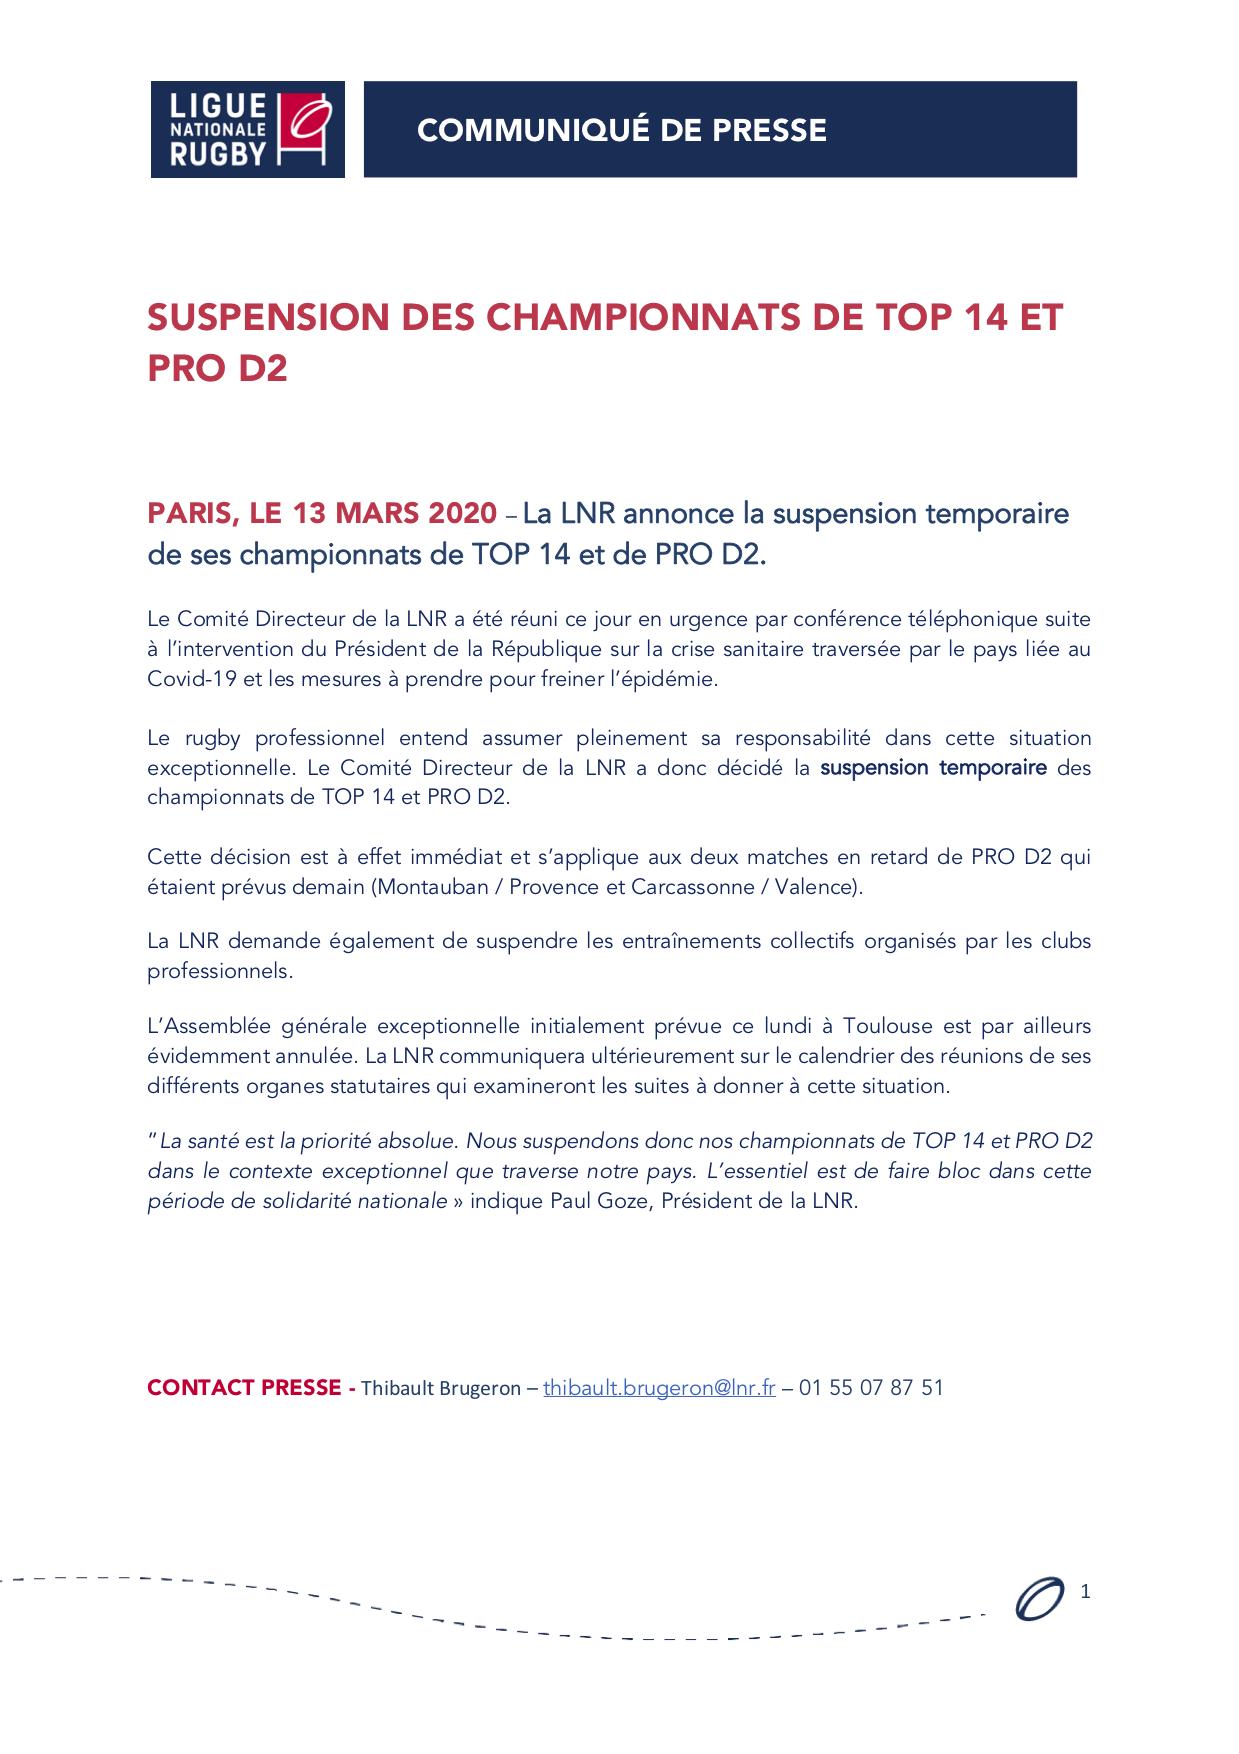 Communiqué - Suspension des championnats TOP 14 & PRO D2